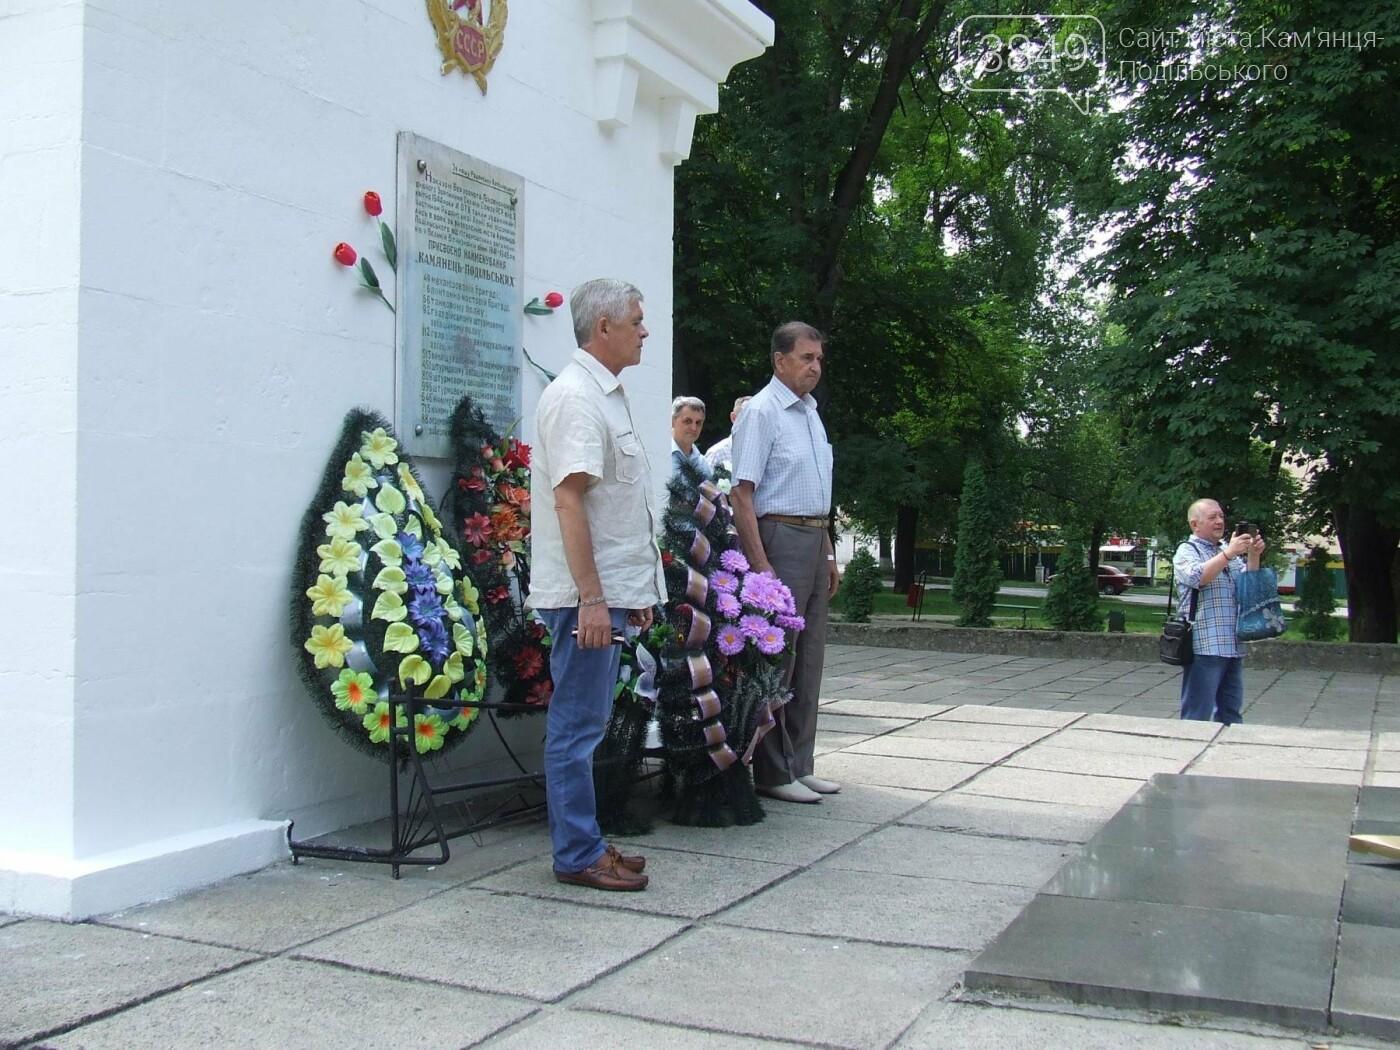 У Сквері танкістів вшанували пам'ять полеглих під час Другої світової війни, фото-9